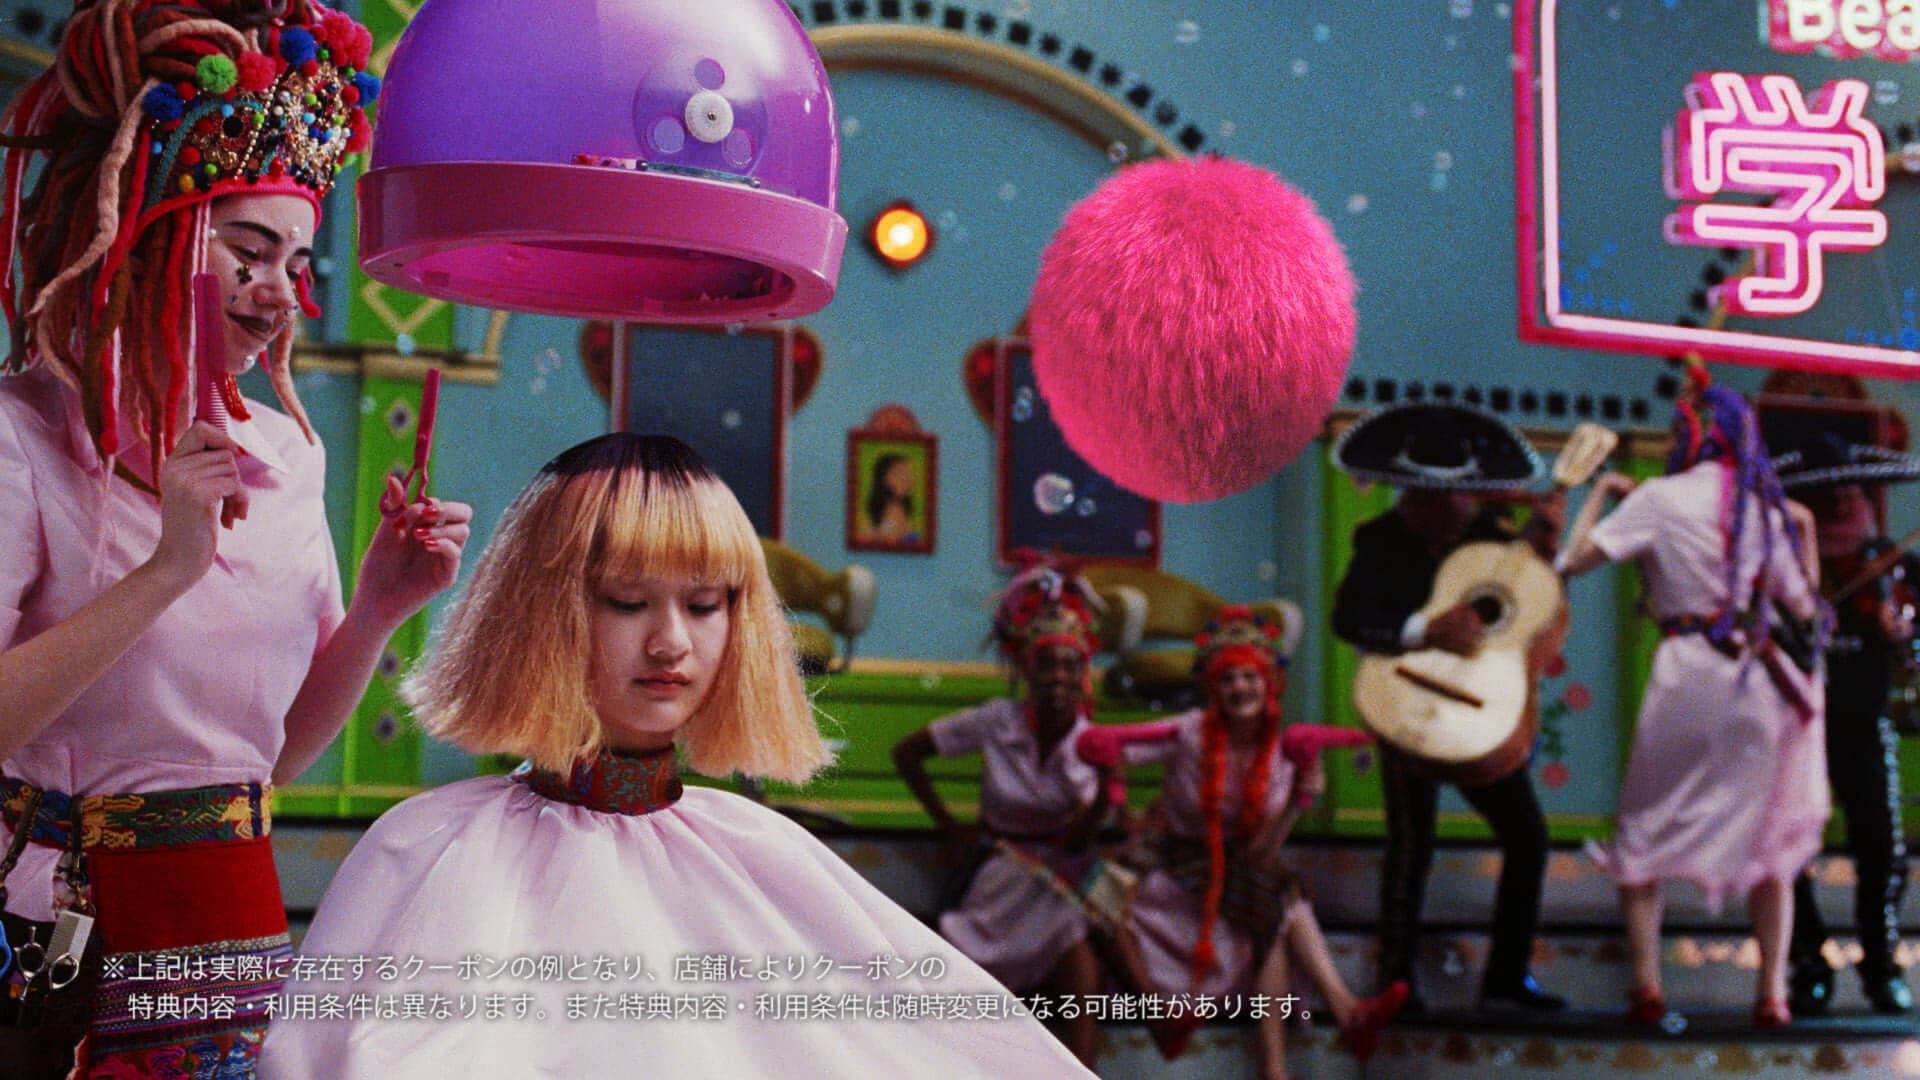 今田美桜がミュージカル風CMで不得意なダンスを披露!?メイキング&インタビュー映像も公開 life190726_imadamio_cm_7-1920x1080